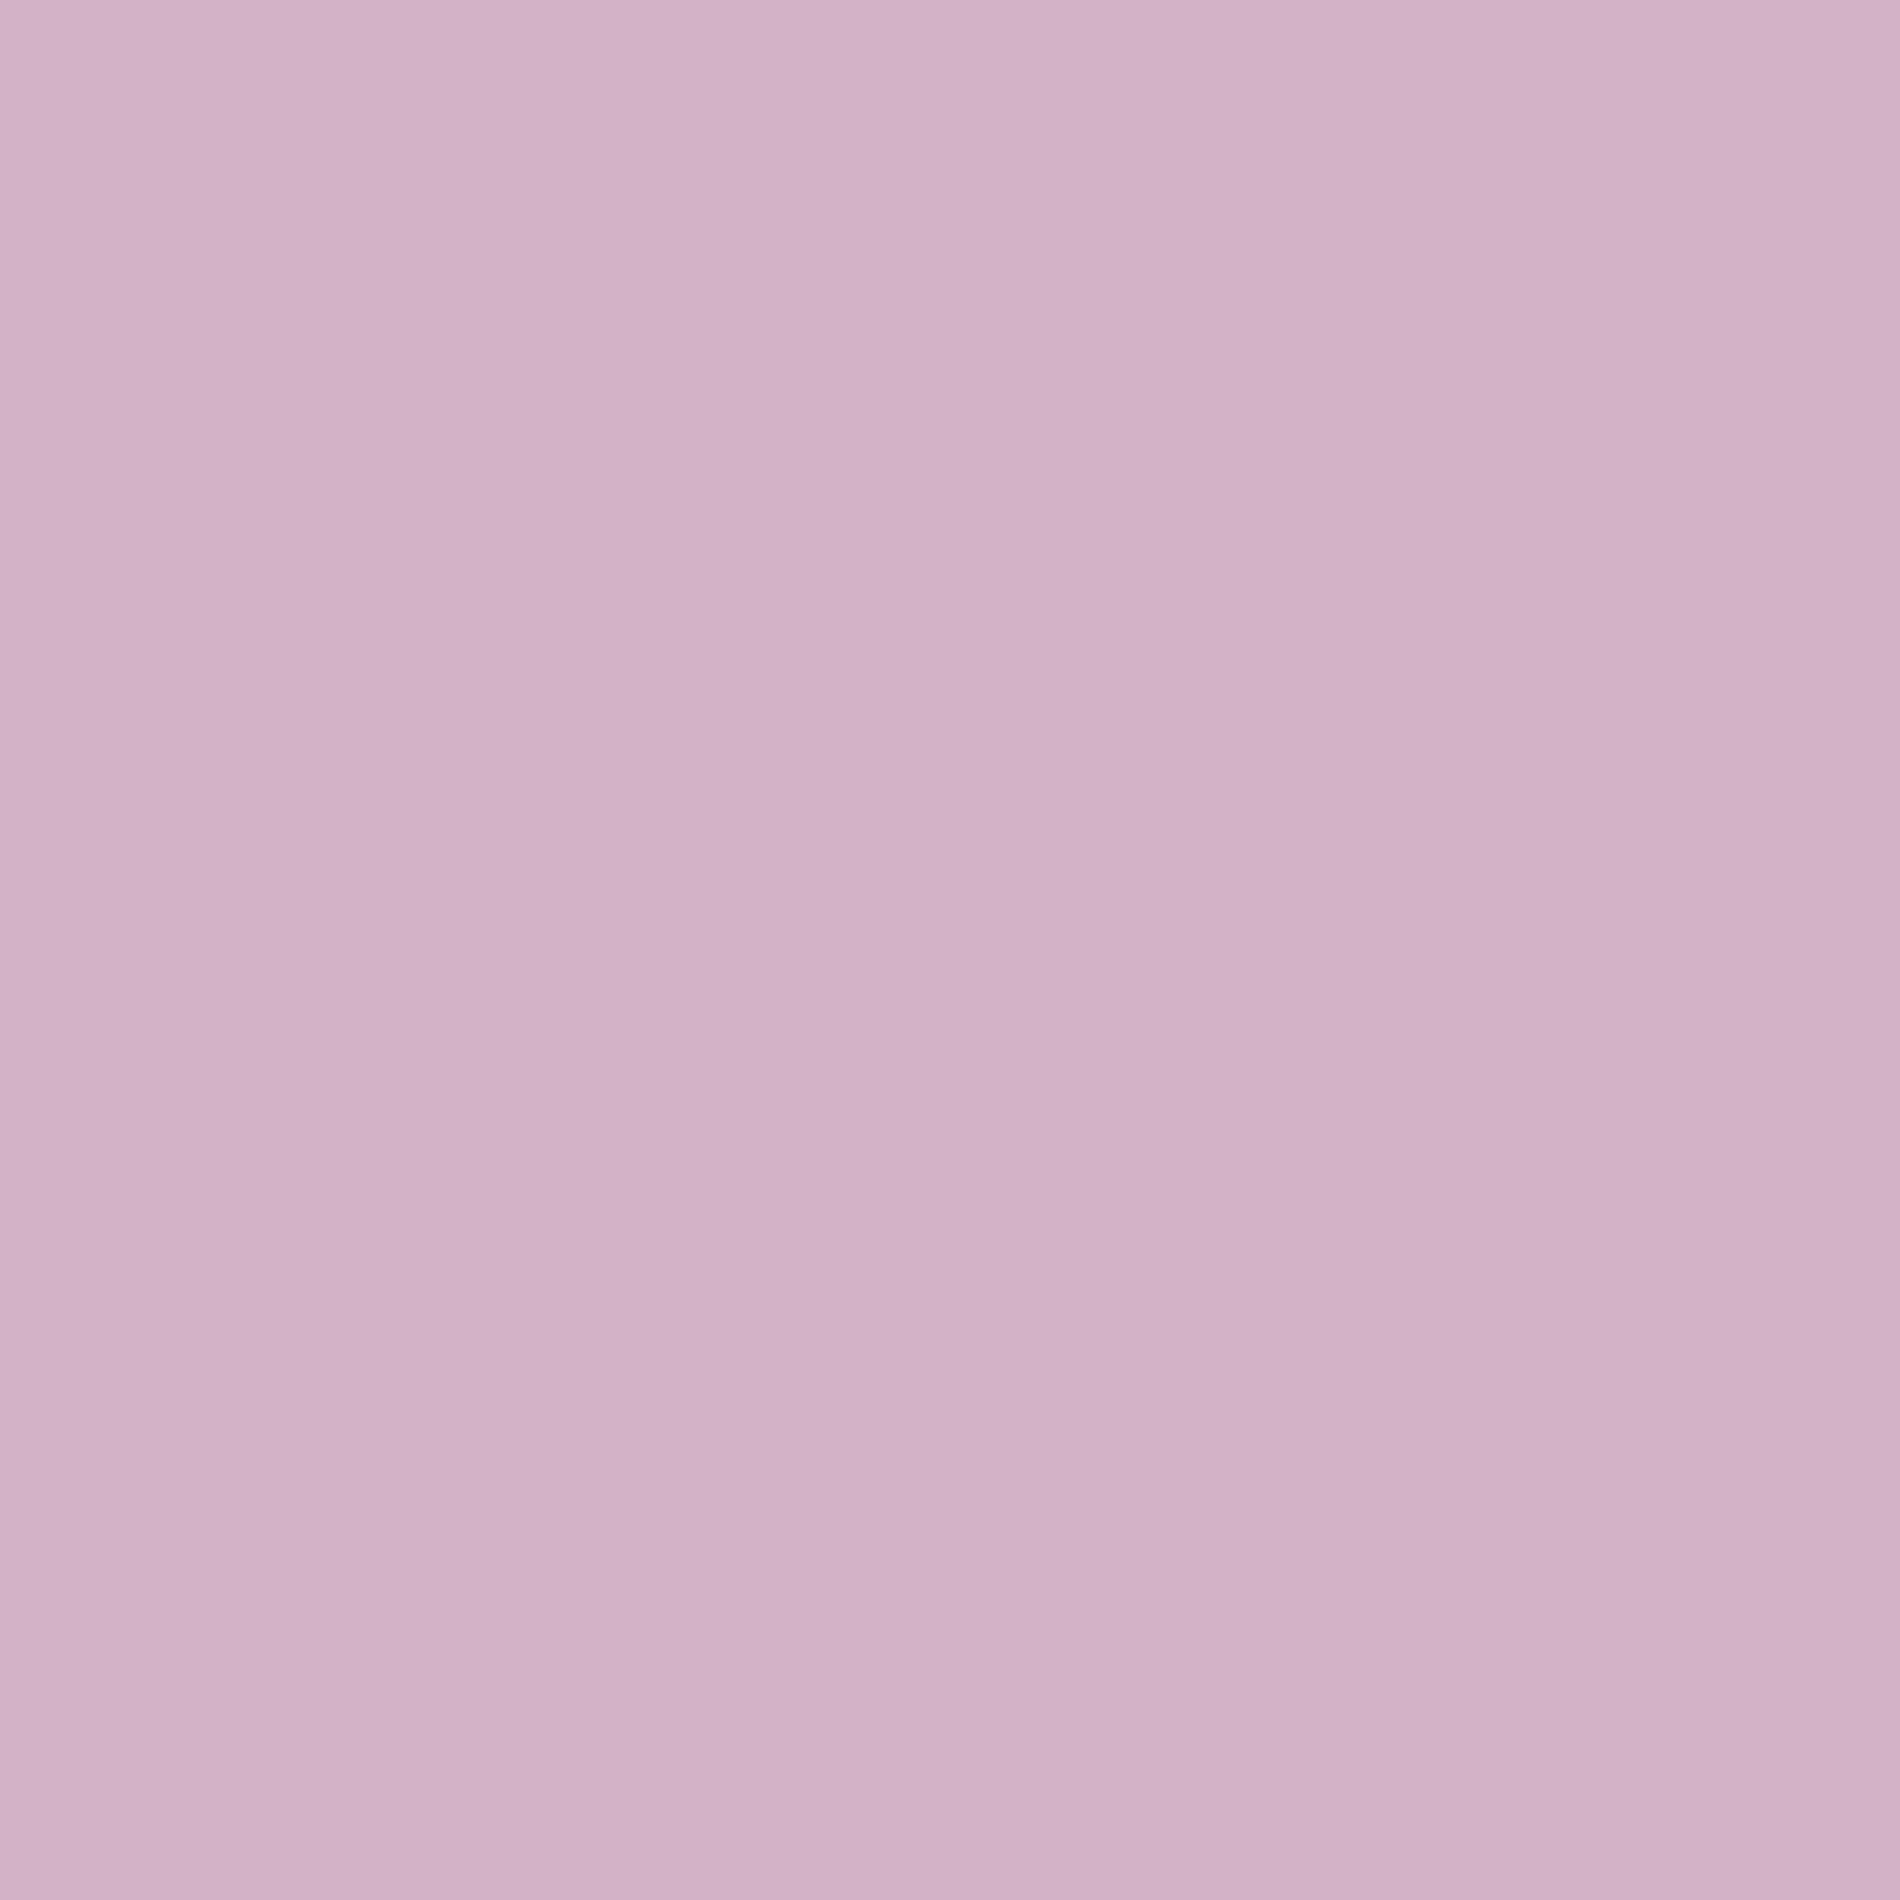 77 - plum